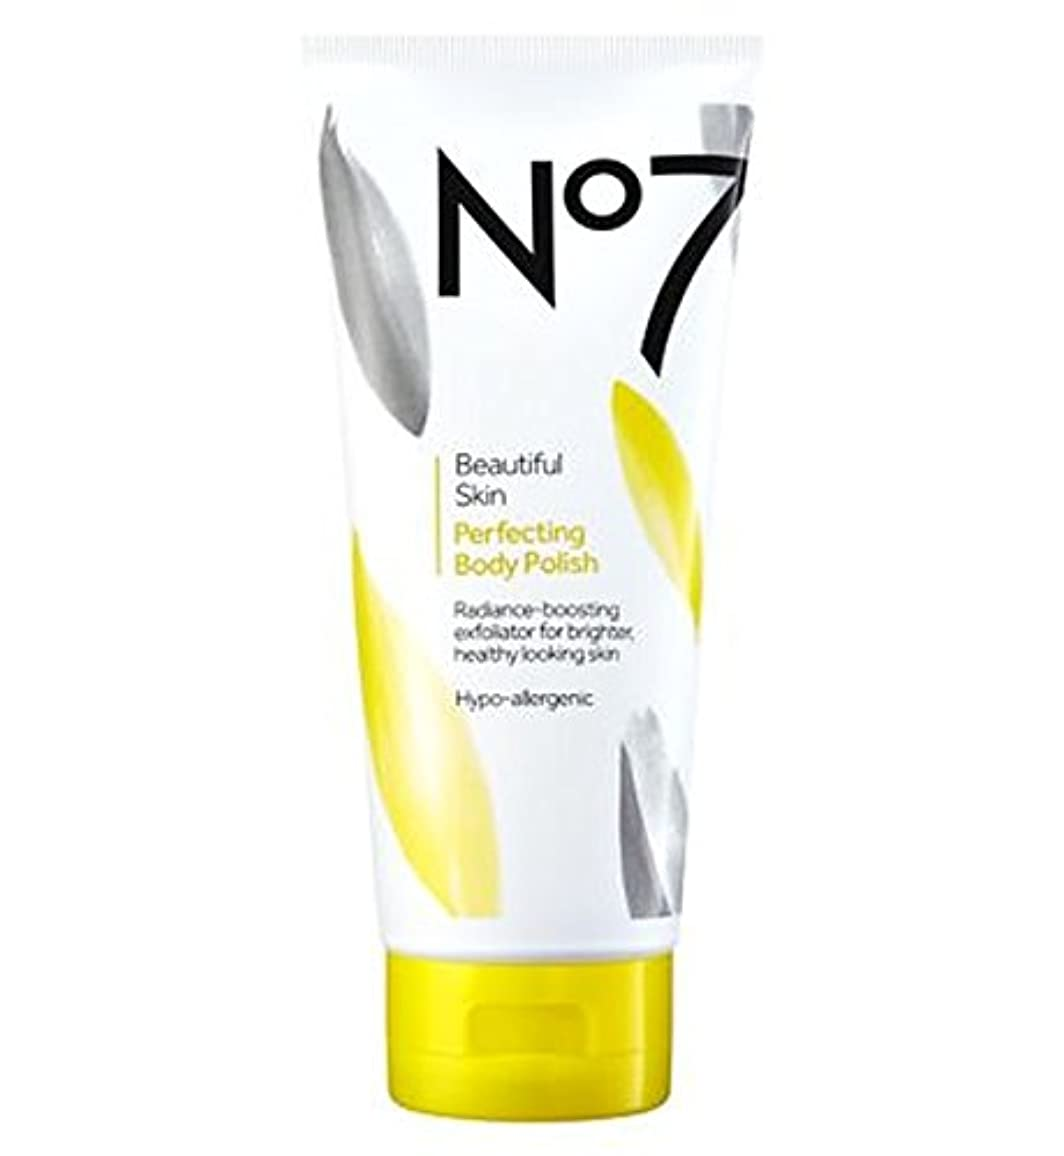 事業病何よりもNo7 Beautiful Skin Perfecting Body Polish - ボディポリッシュを完成No7美肌 (No7) [並行輸入品]